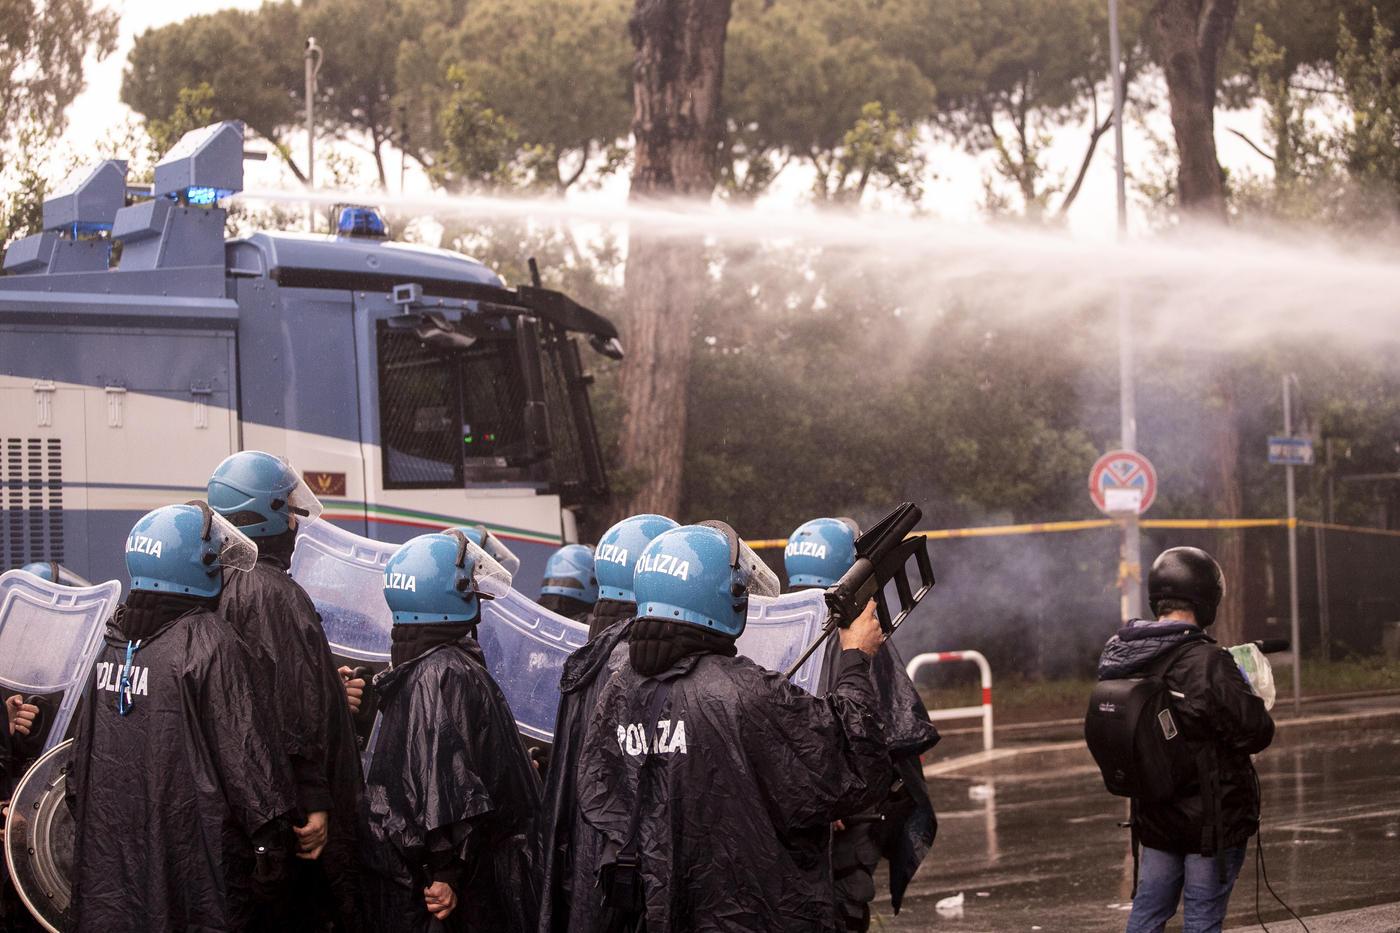 Le immagini dello scontro tra ultras della Lazio e Polizia fuori dall'Olimpico